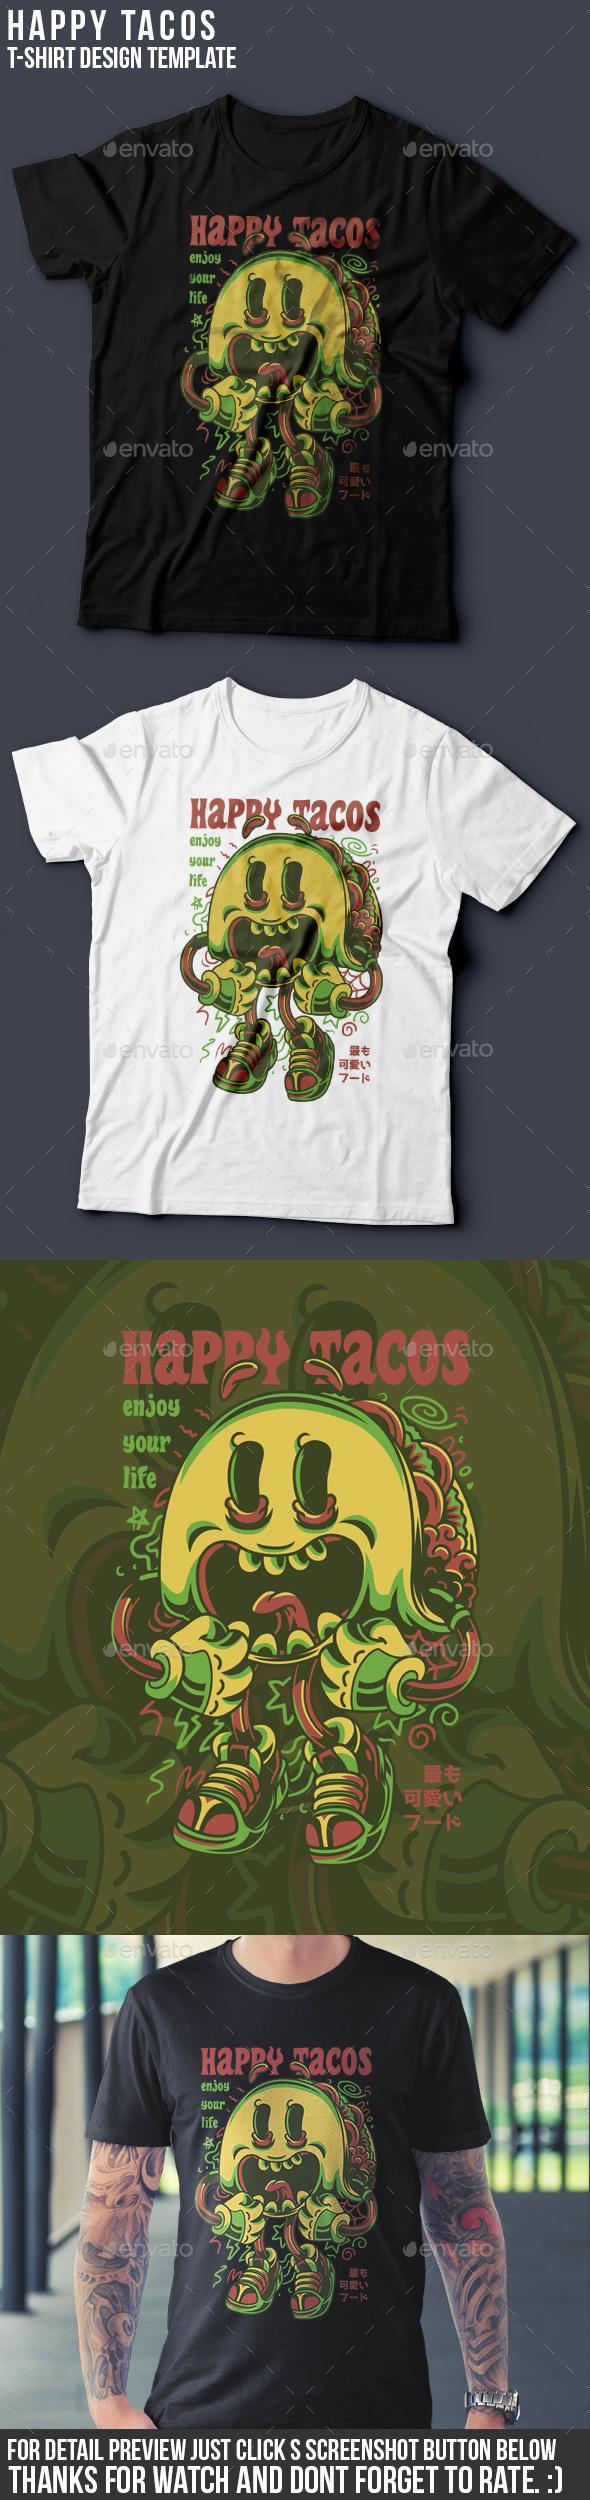 Happy Tacos T-Shirt Design